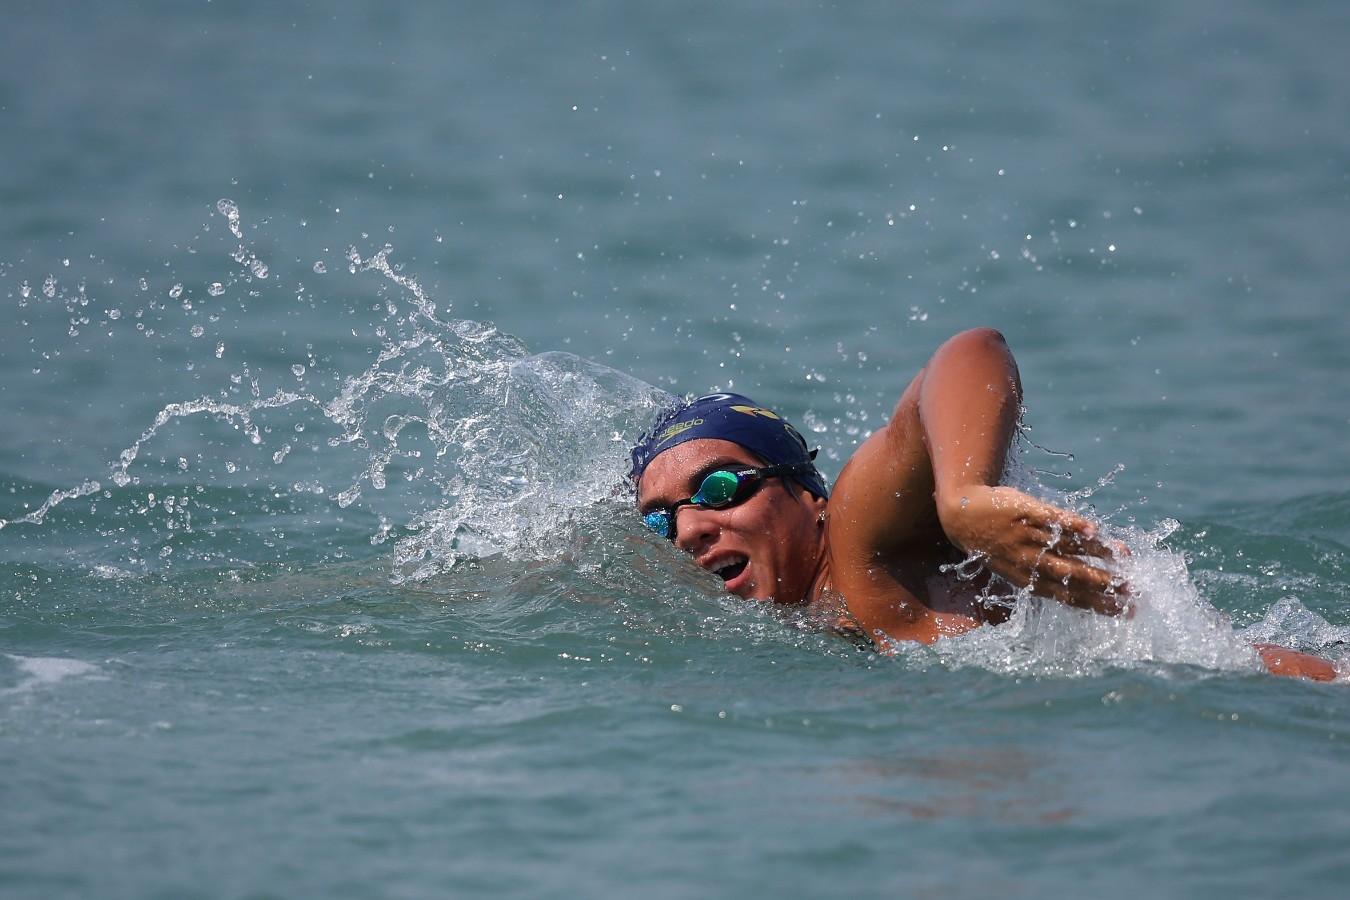 Ana Marcela. Treino preparatorio para Copa do Mundo de Maratonas Aquaticas, etapa Travessia de Hong Kong na Repulse Bay . 17 de Outubro de 2014, Hong Kong. Foto: Satiro Sodre/SSPress.